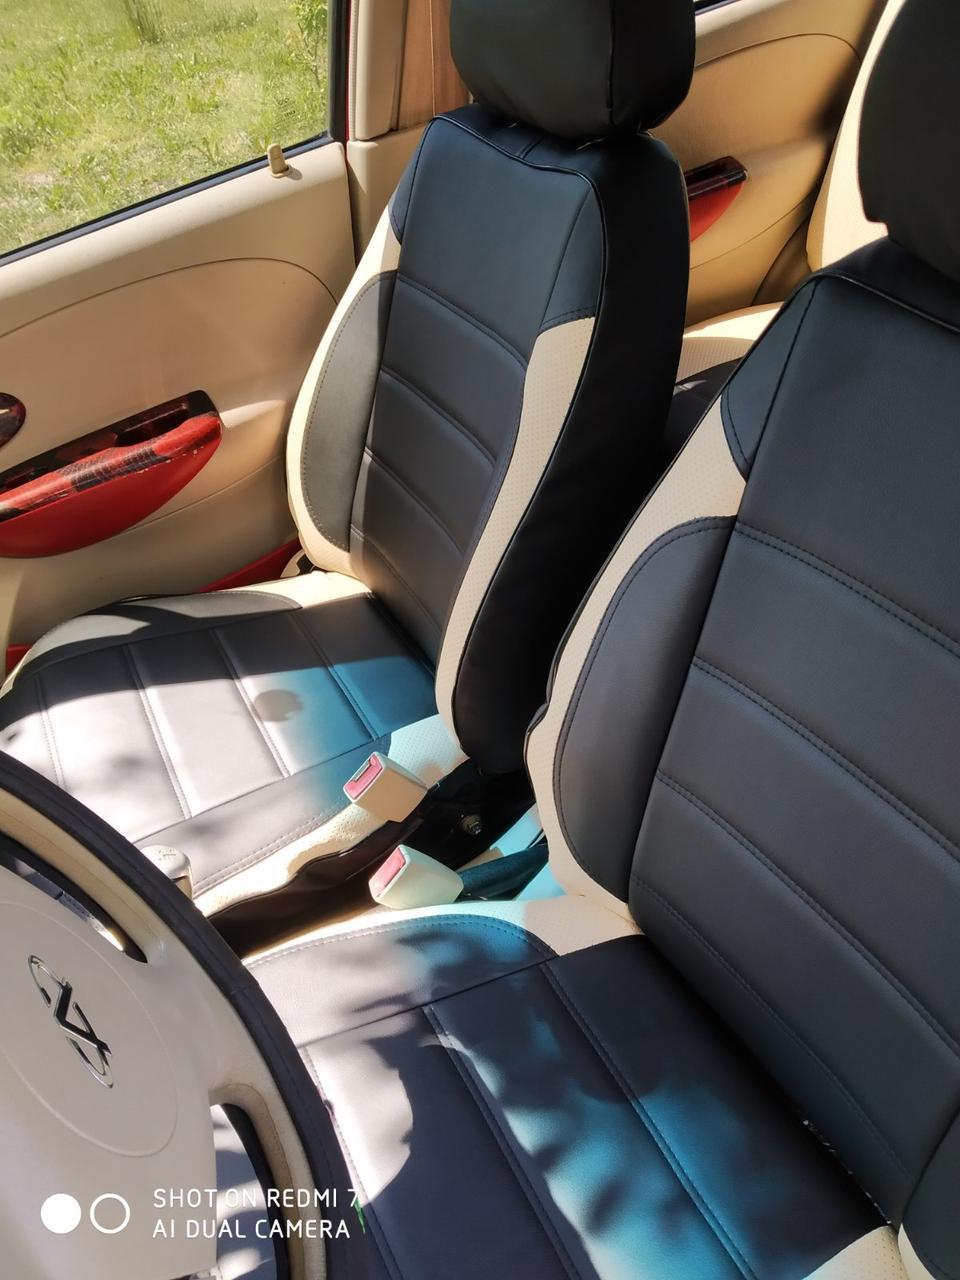 Чехлы на сиденья КИА Каренс (KIA Carens) модельные MAX-L из экокожи Черно-бежевый